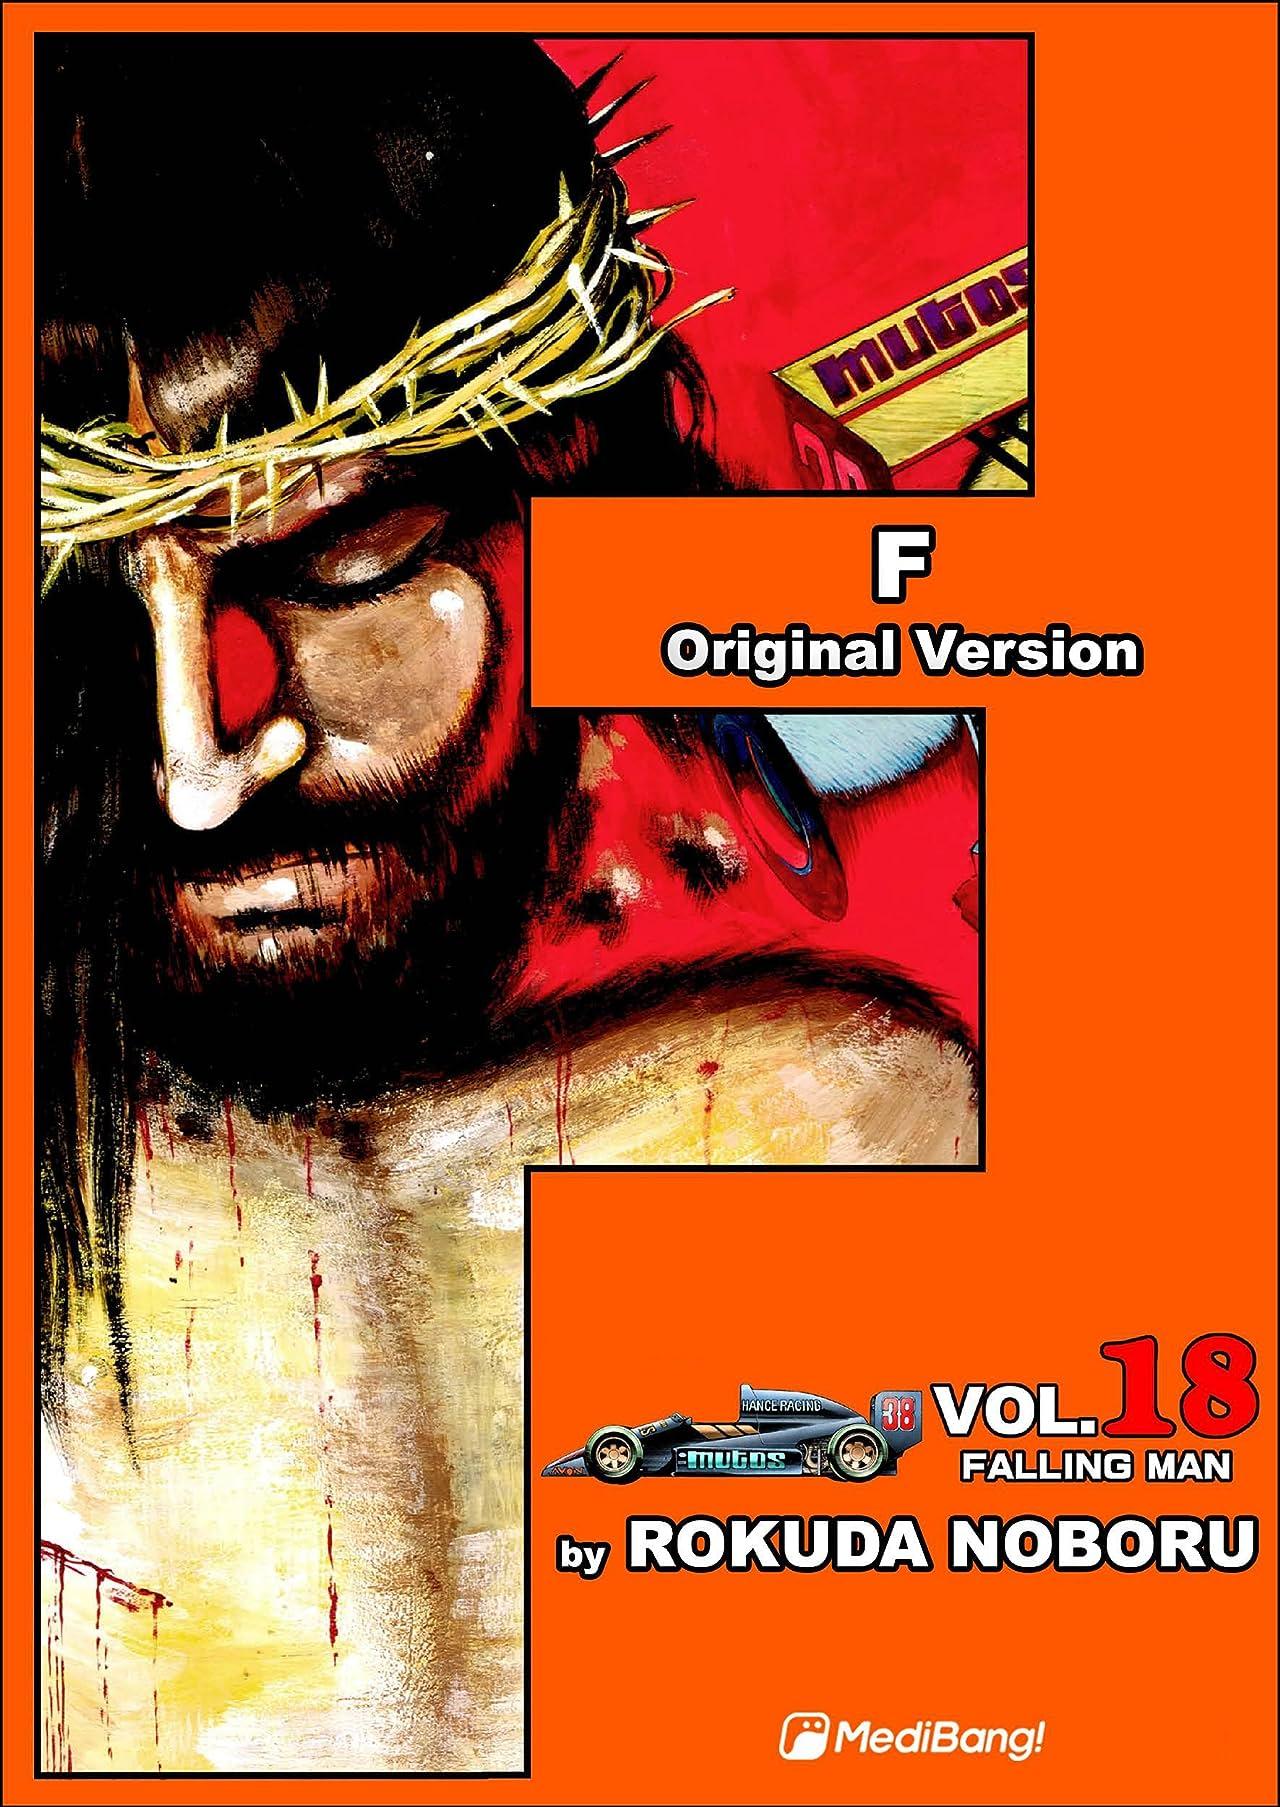 F Vol. 18